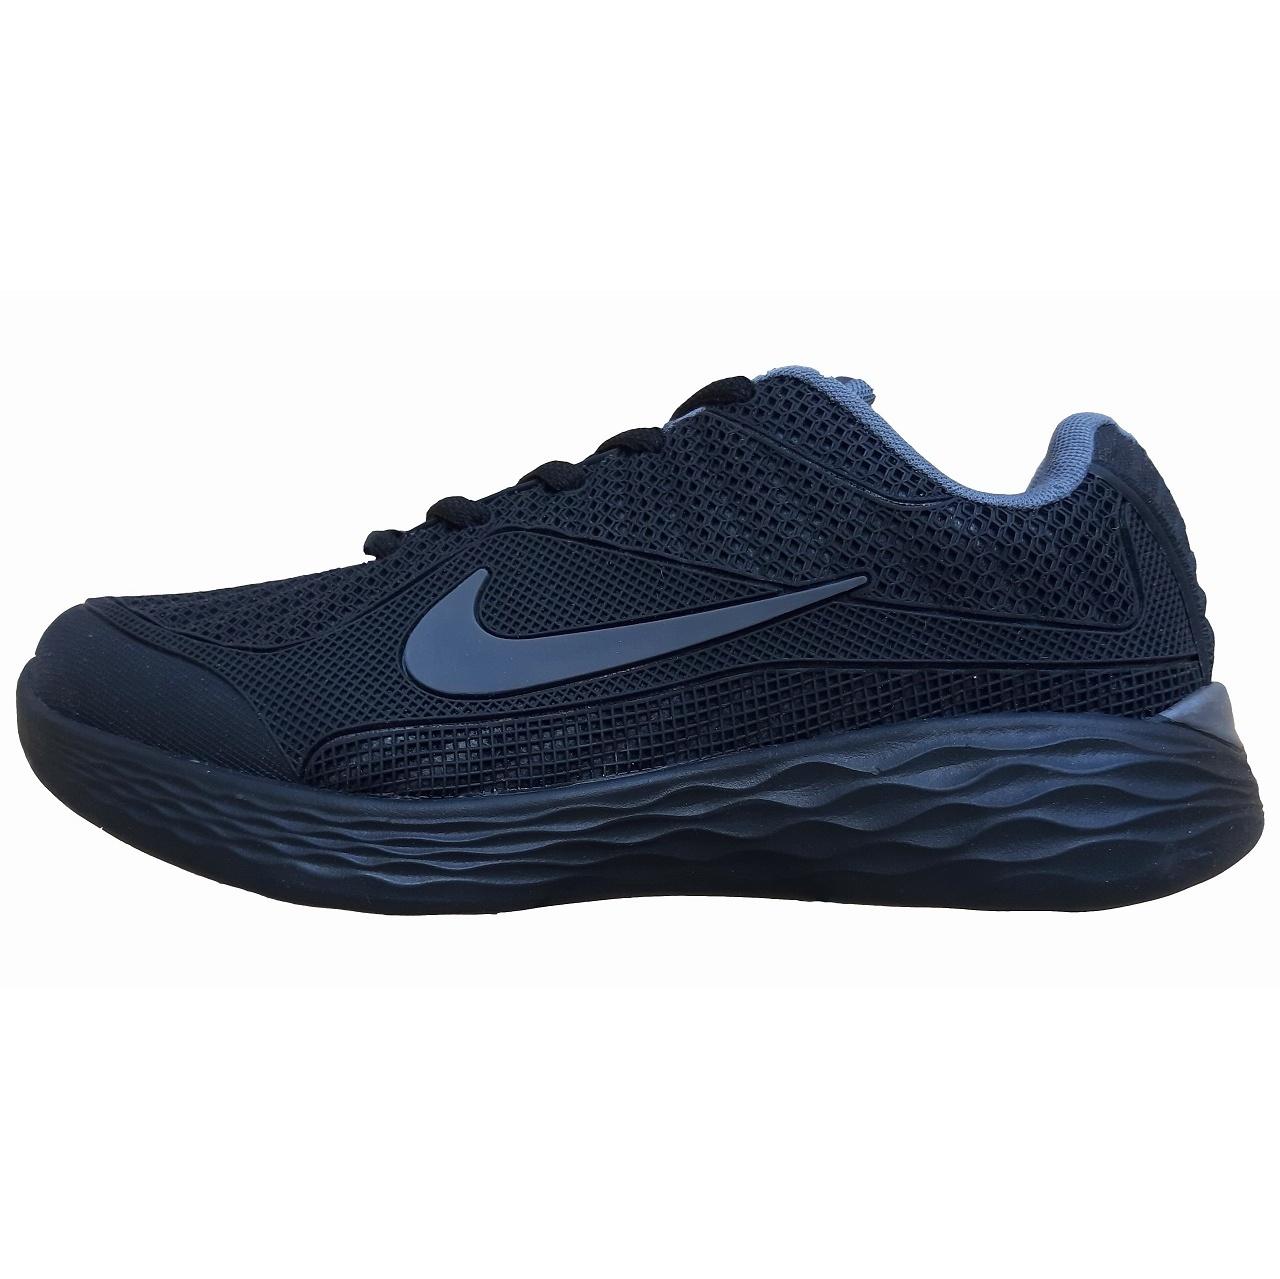 کفش مخصوص پیاده روی زنانه کد 213004 رنگ مشکی